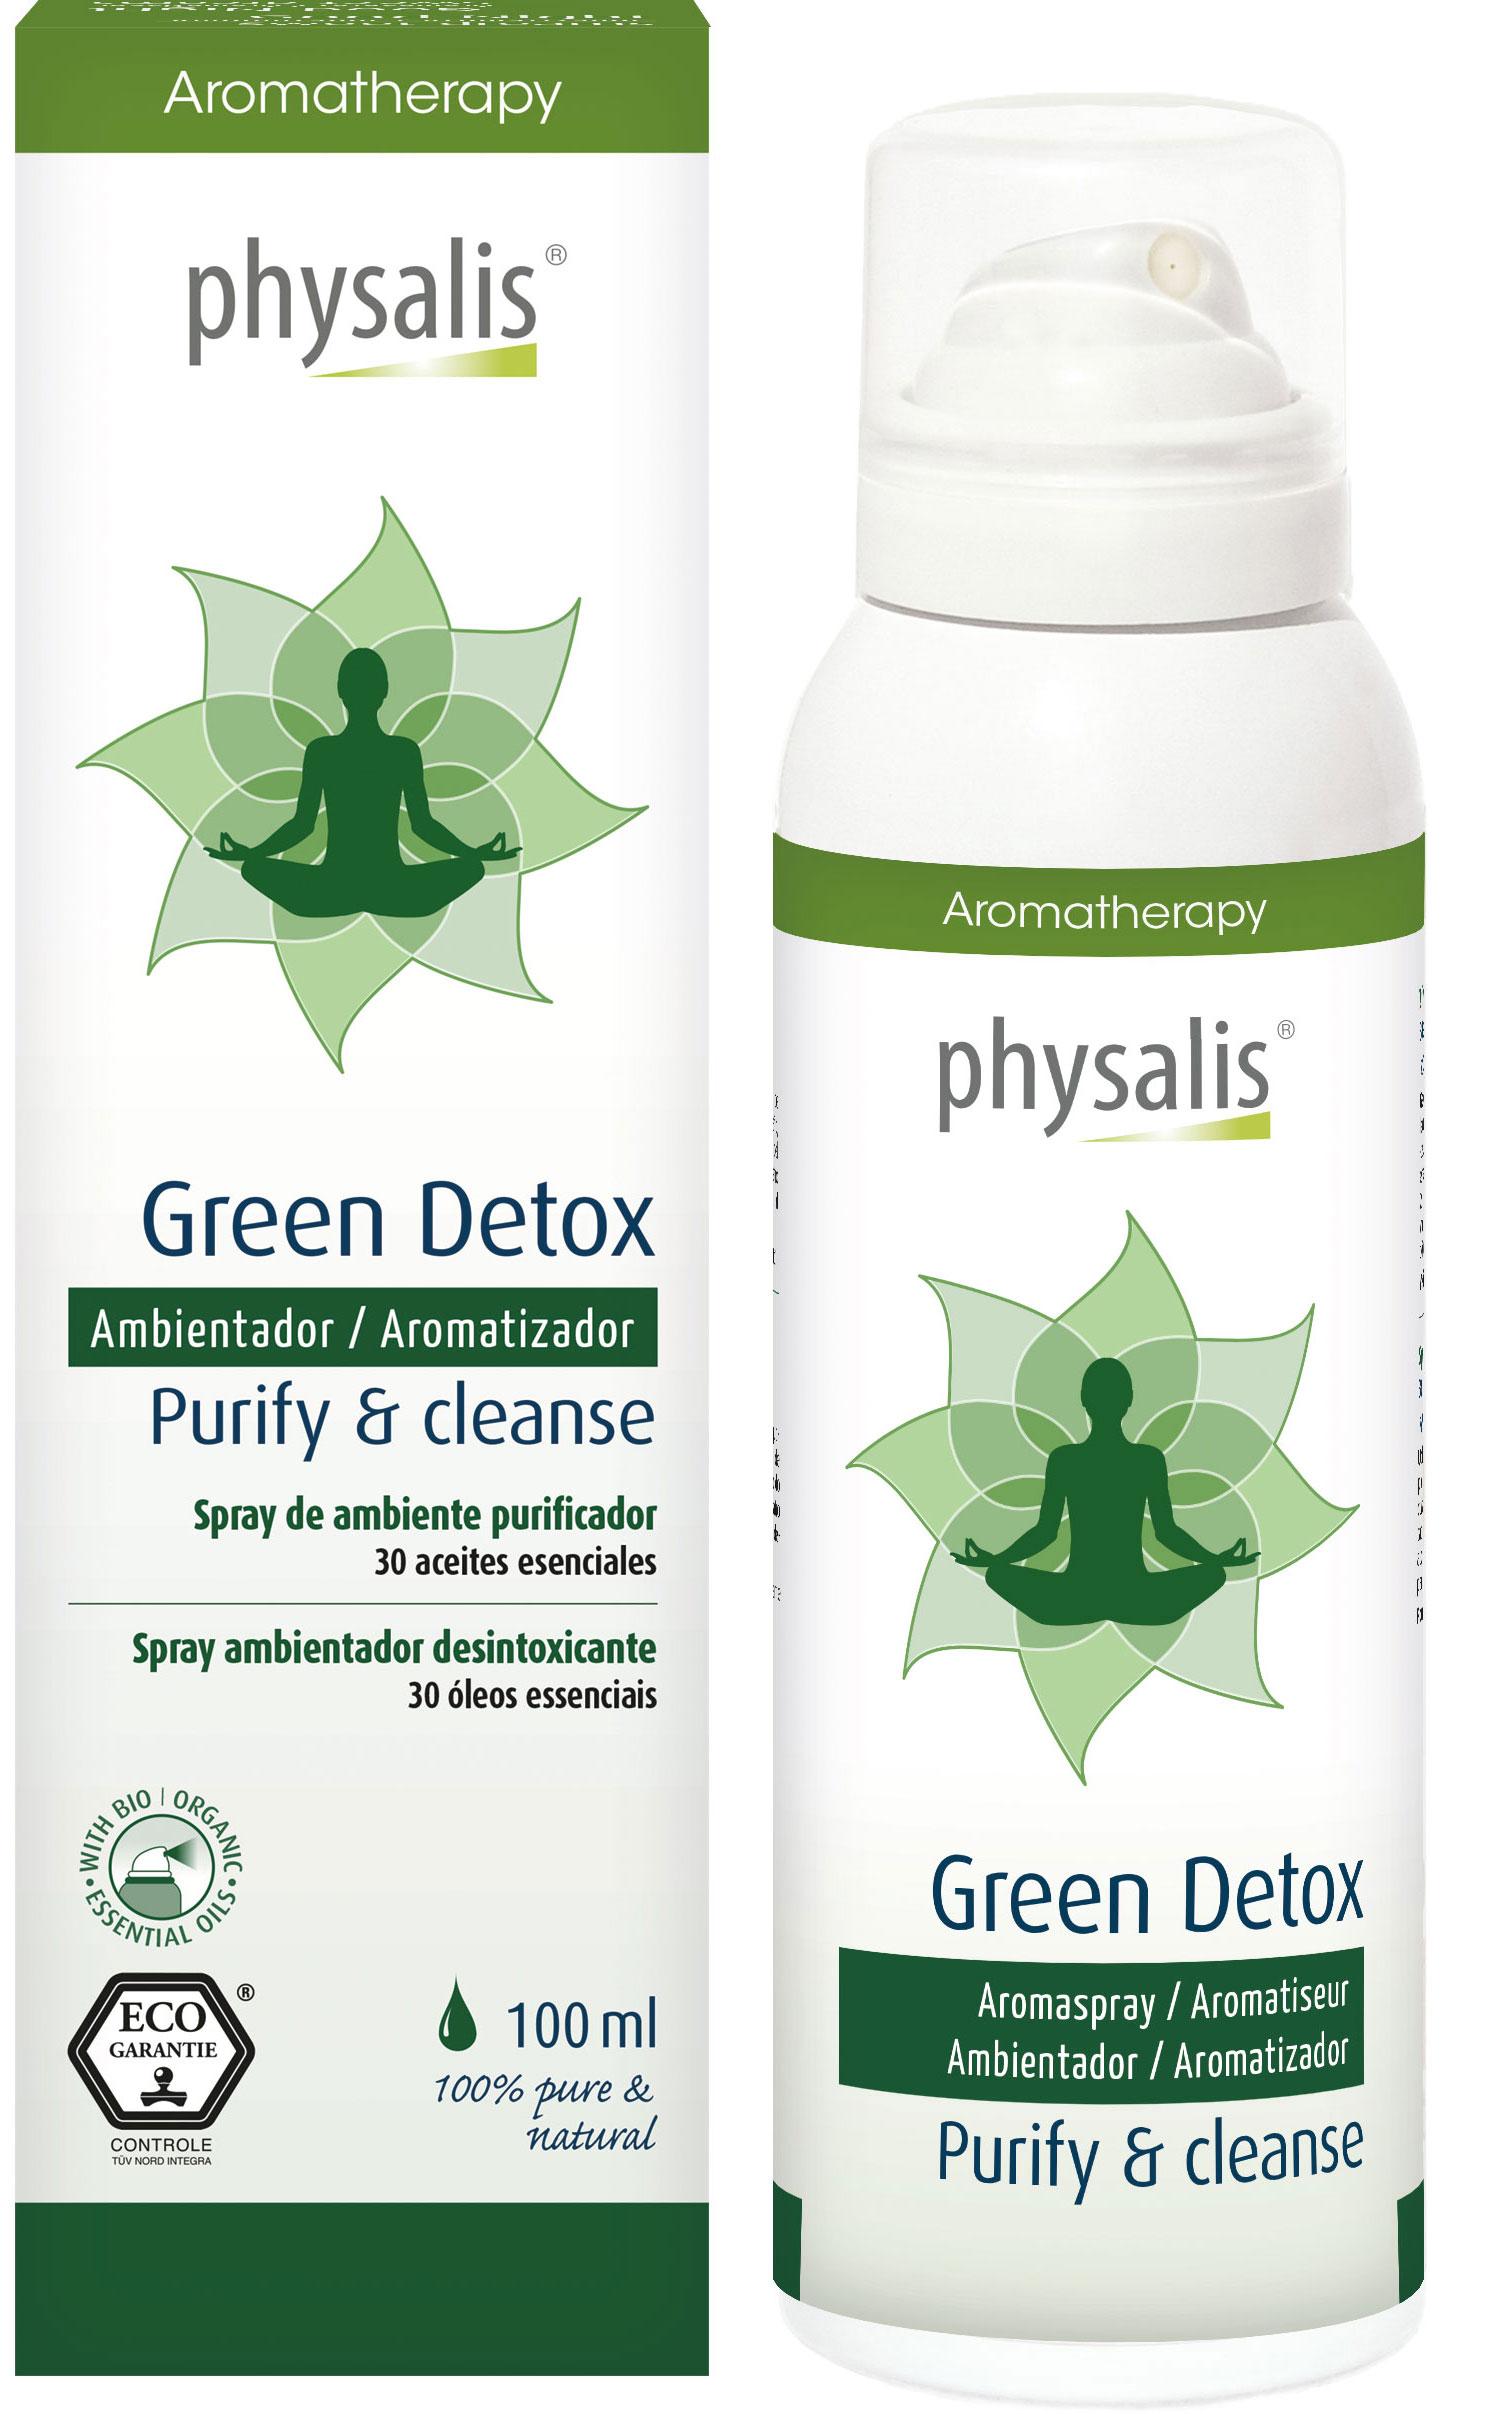 Green Detox